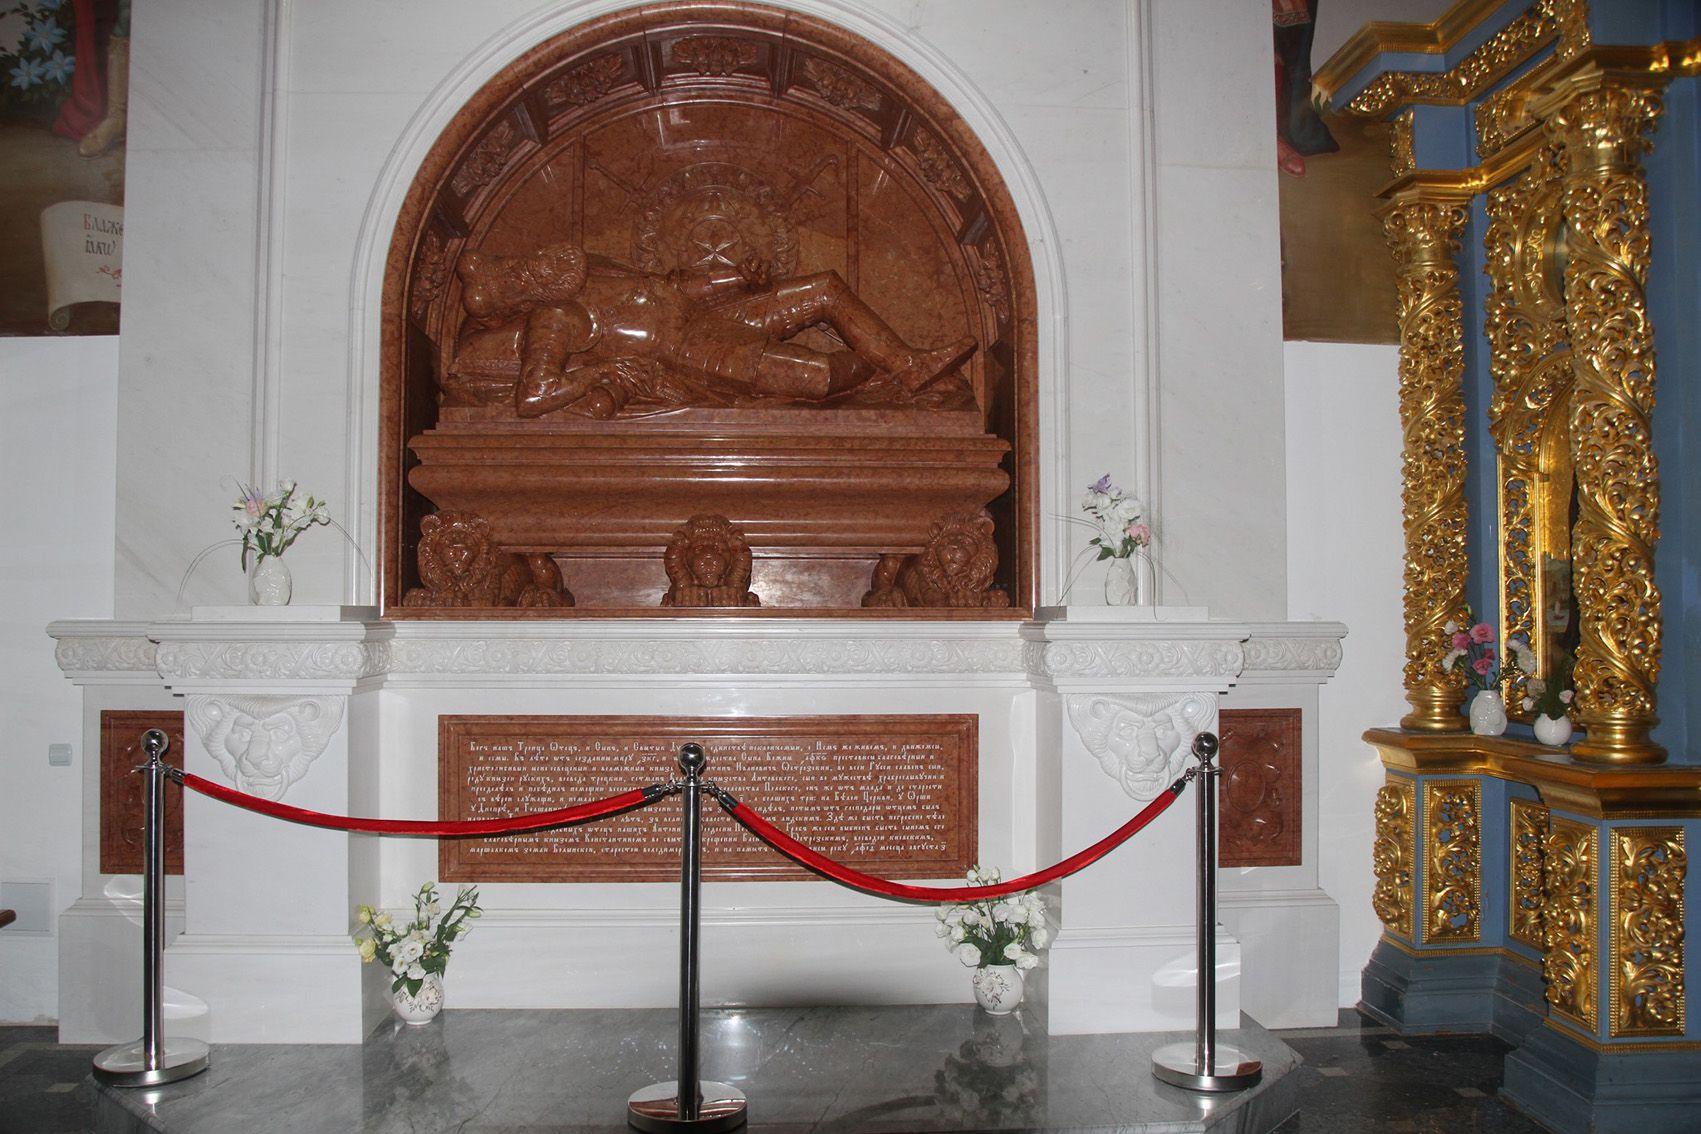 У Києво-Печерській лаврі реконструювали пам'ятник Костянтину Острозькому